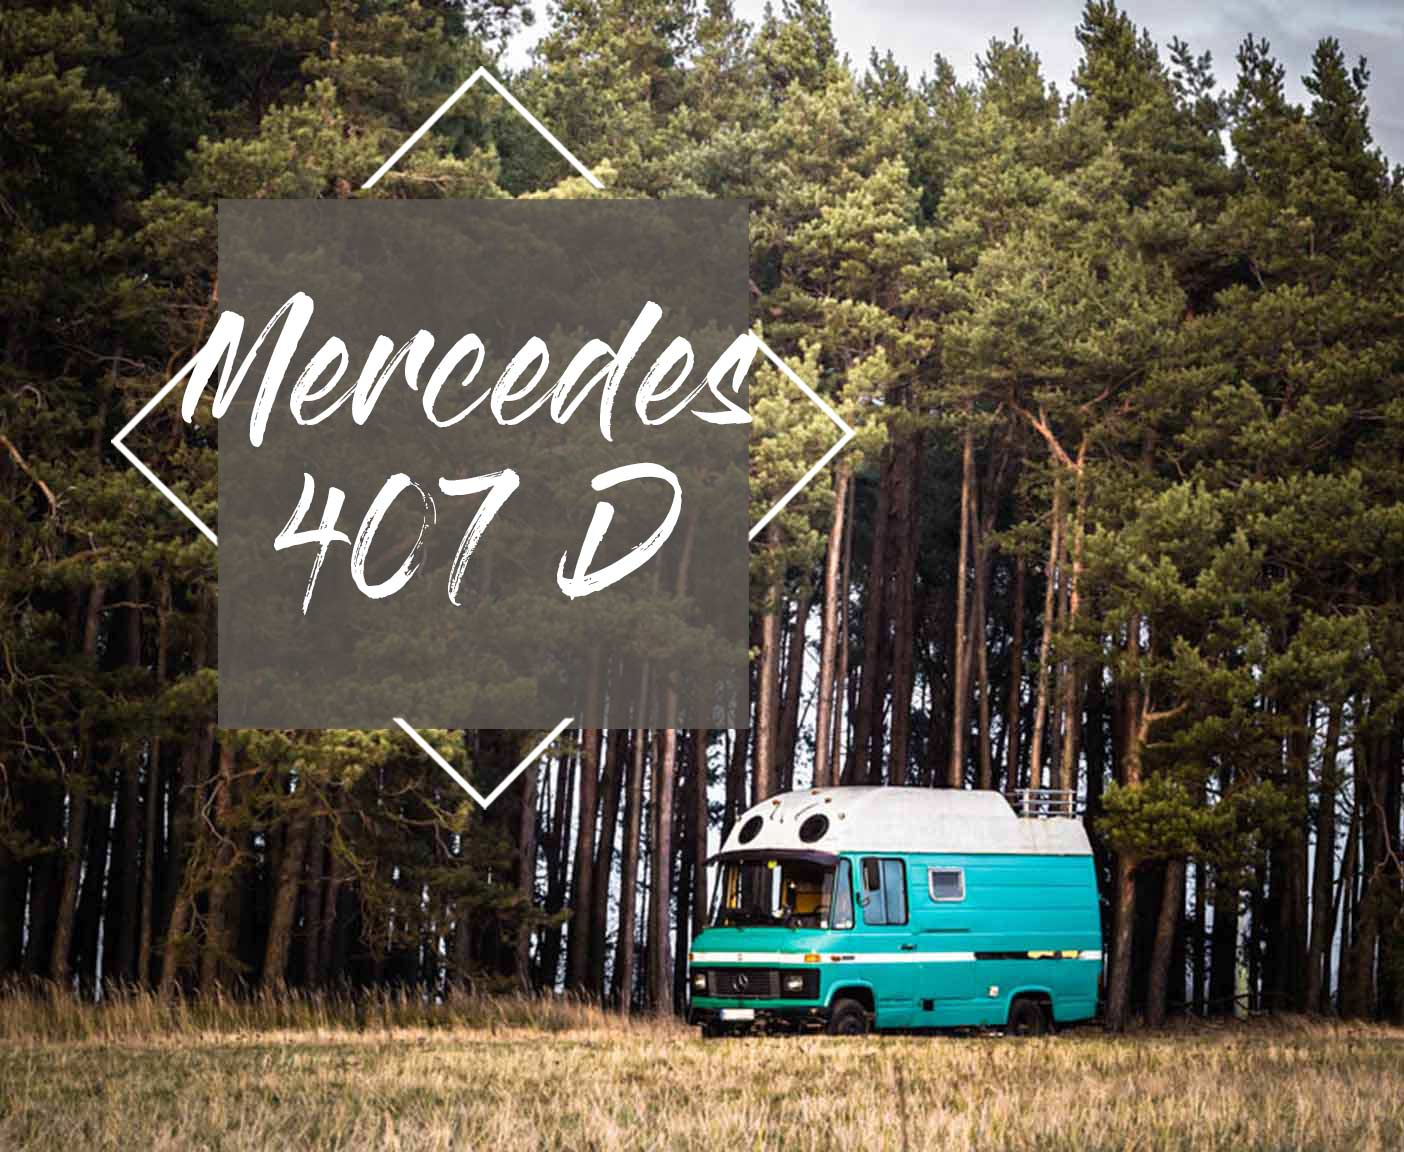 Mercedes-407-D-hochdach-kaufen-wohnmobil-camper